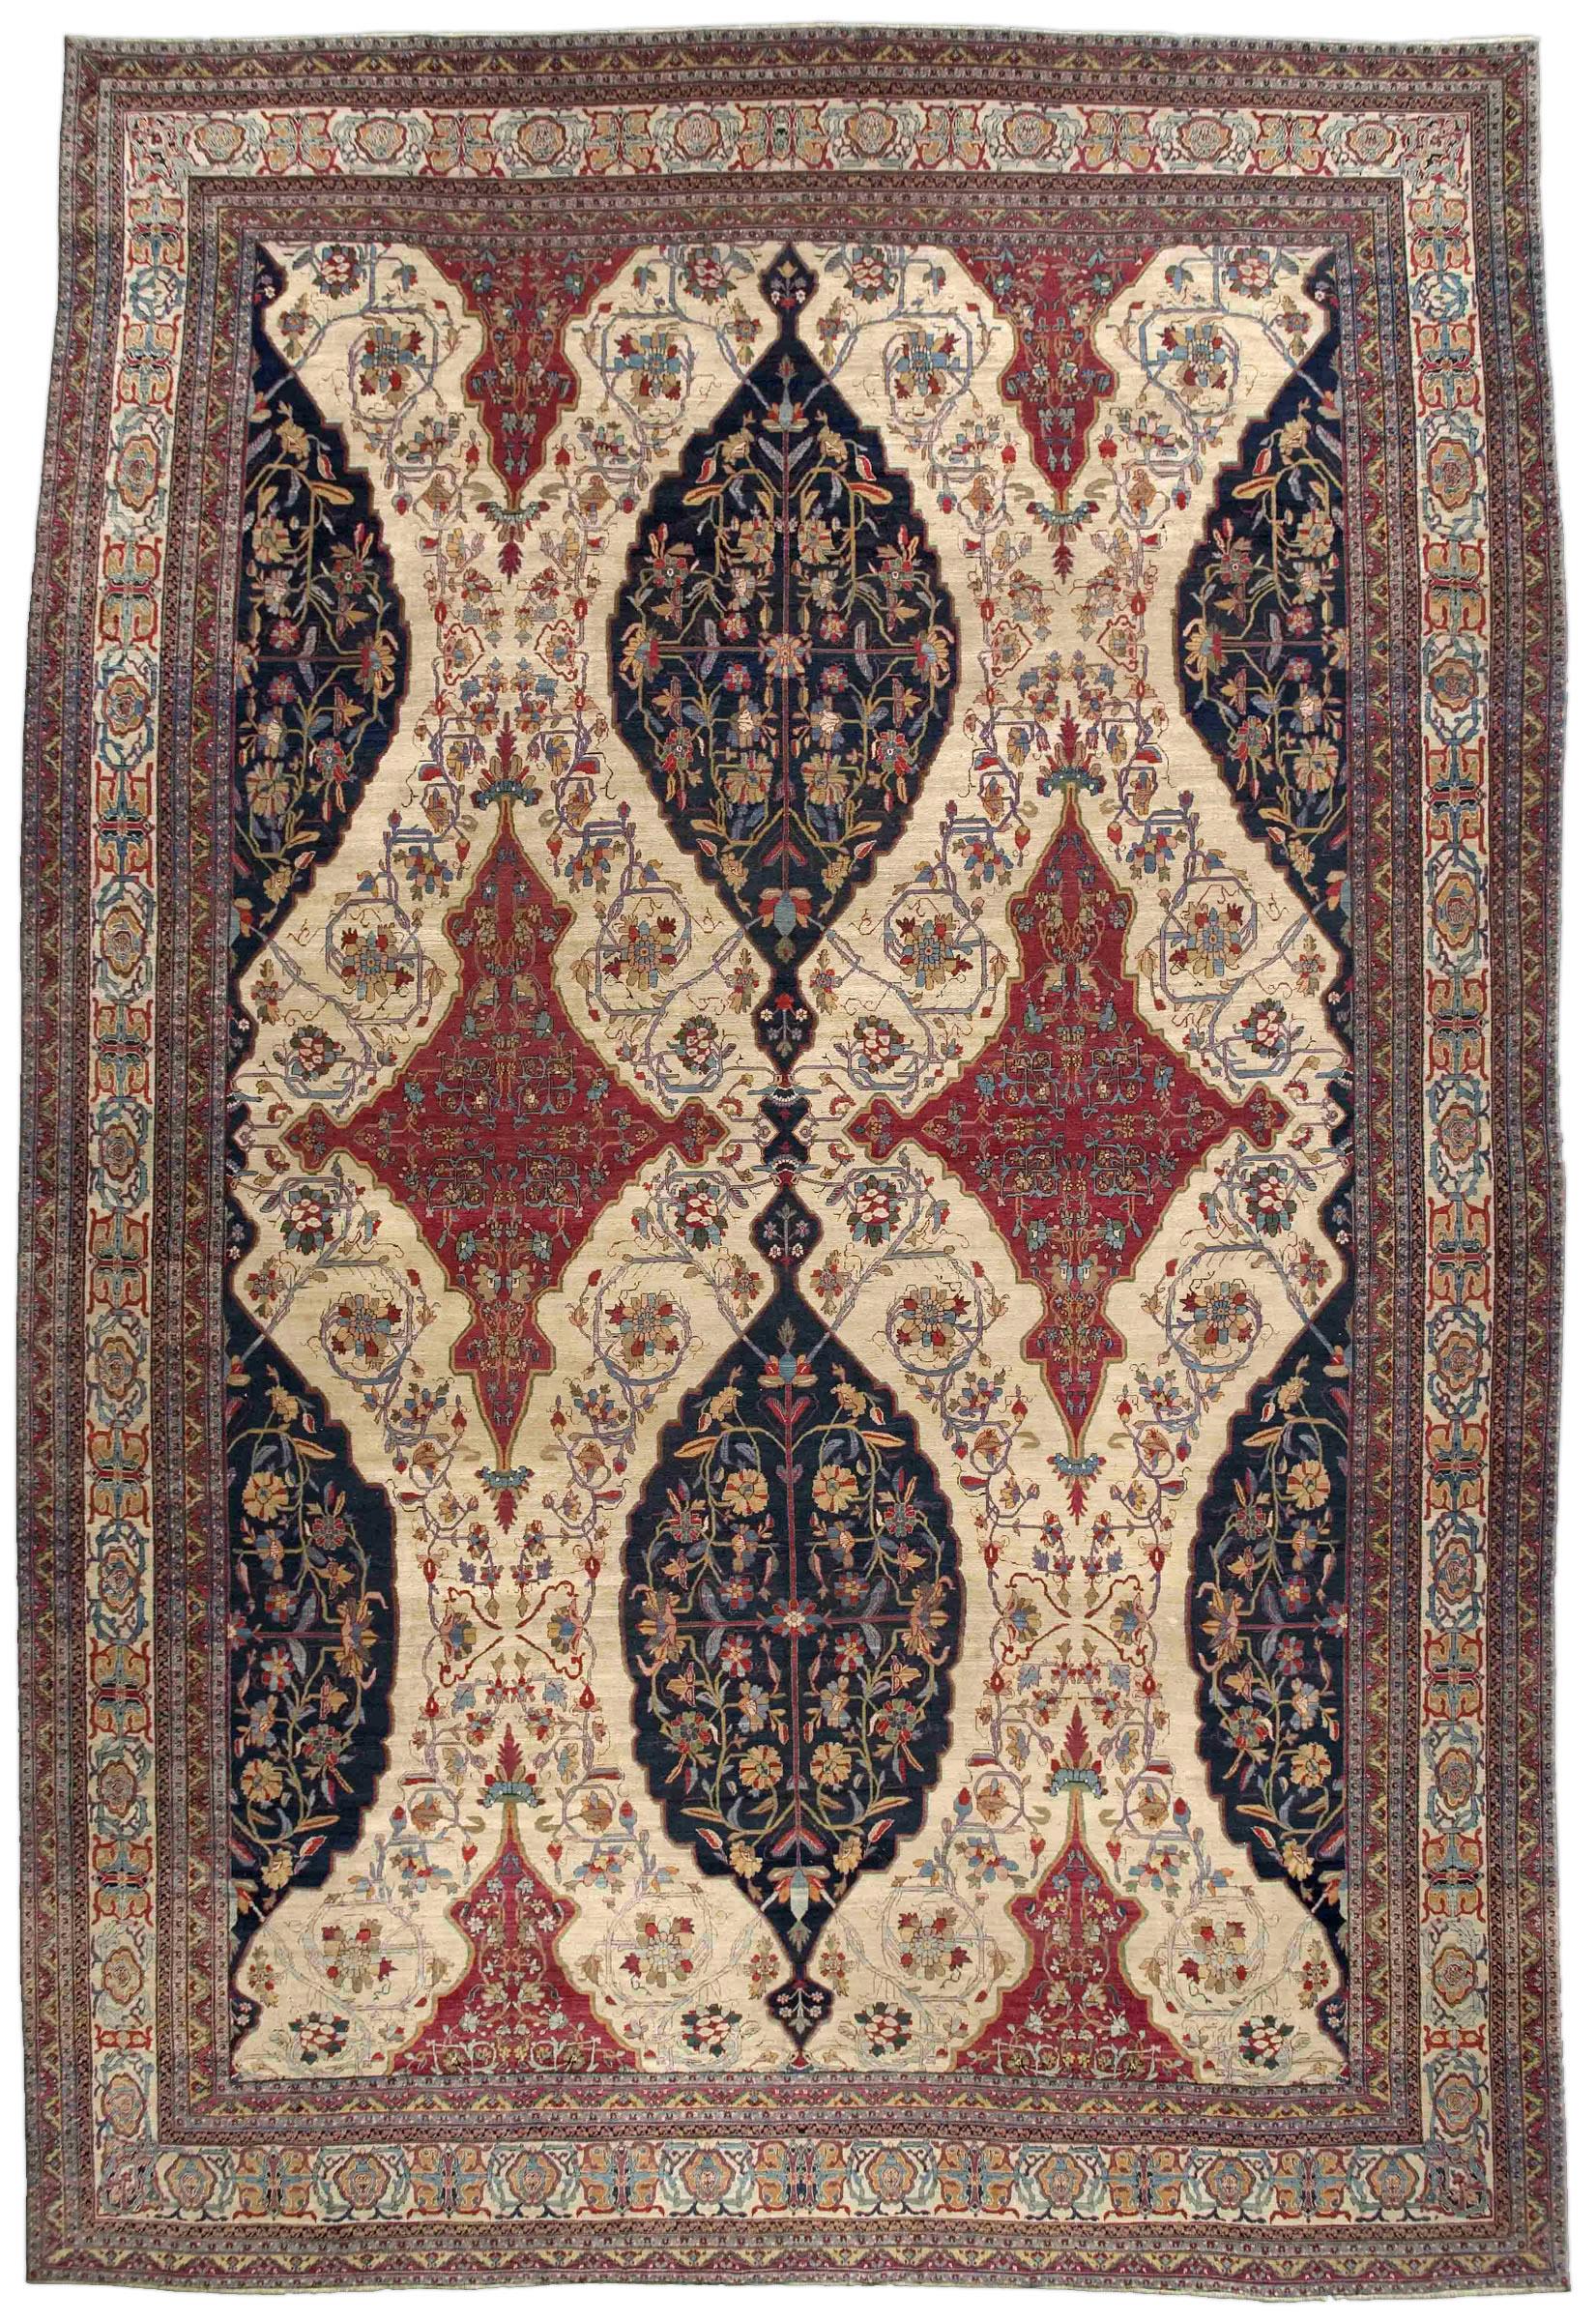 Kirman Kerman Rugs Amp Carpets For Sale Karastan Persian